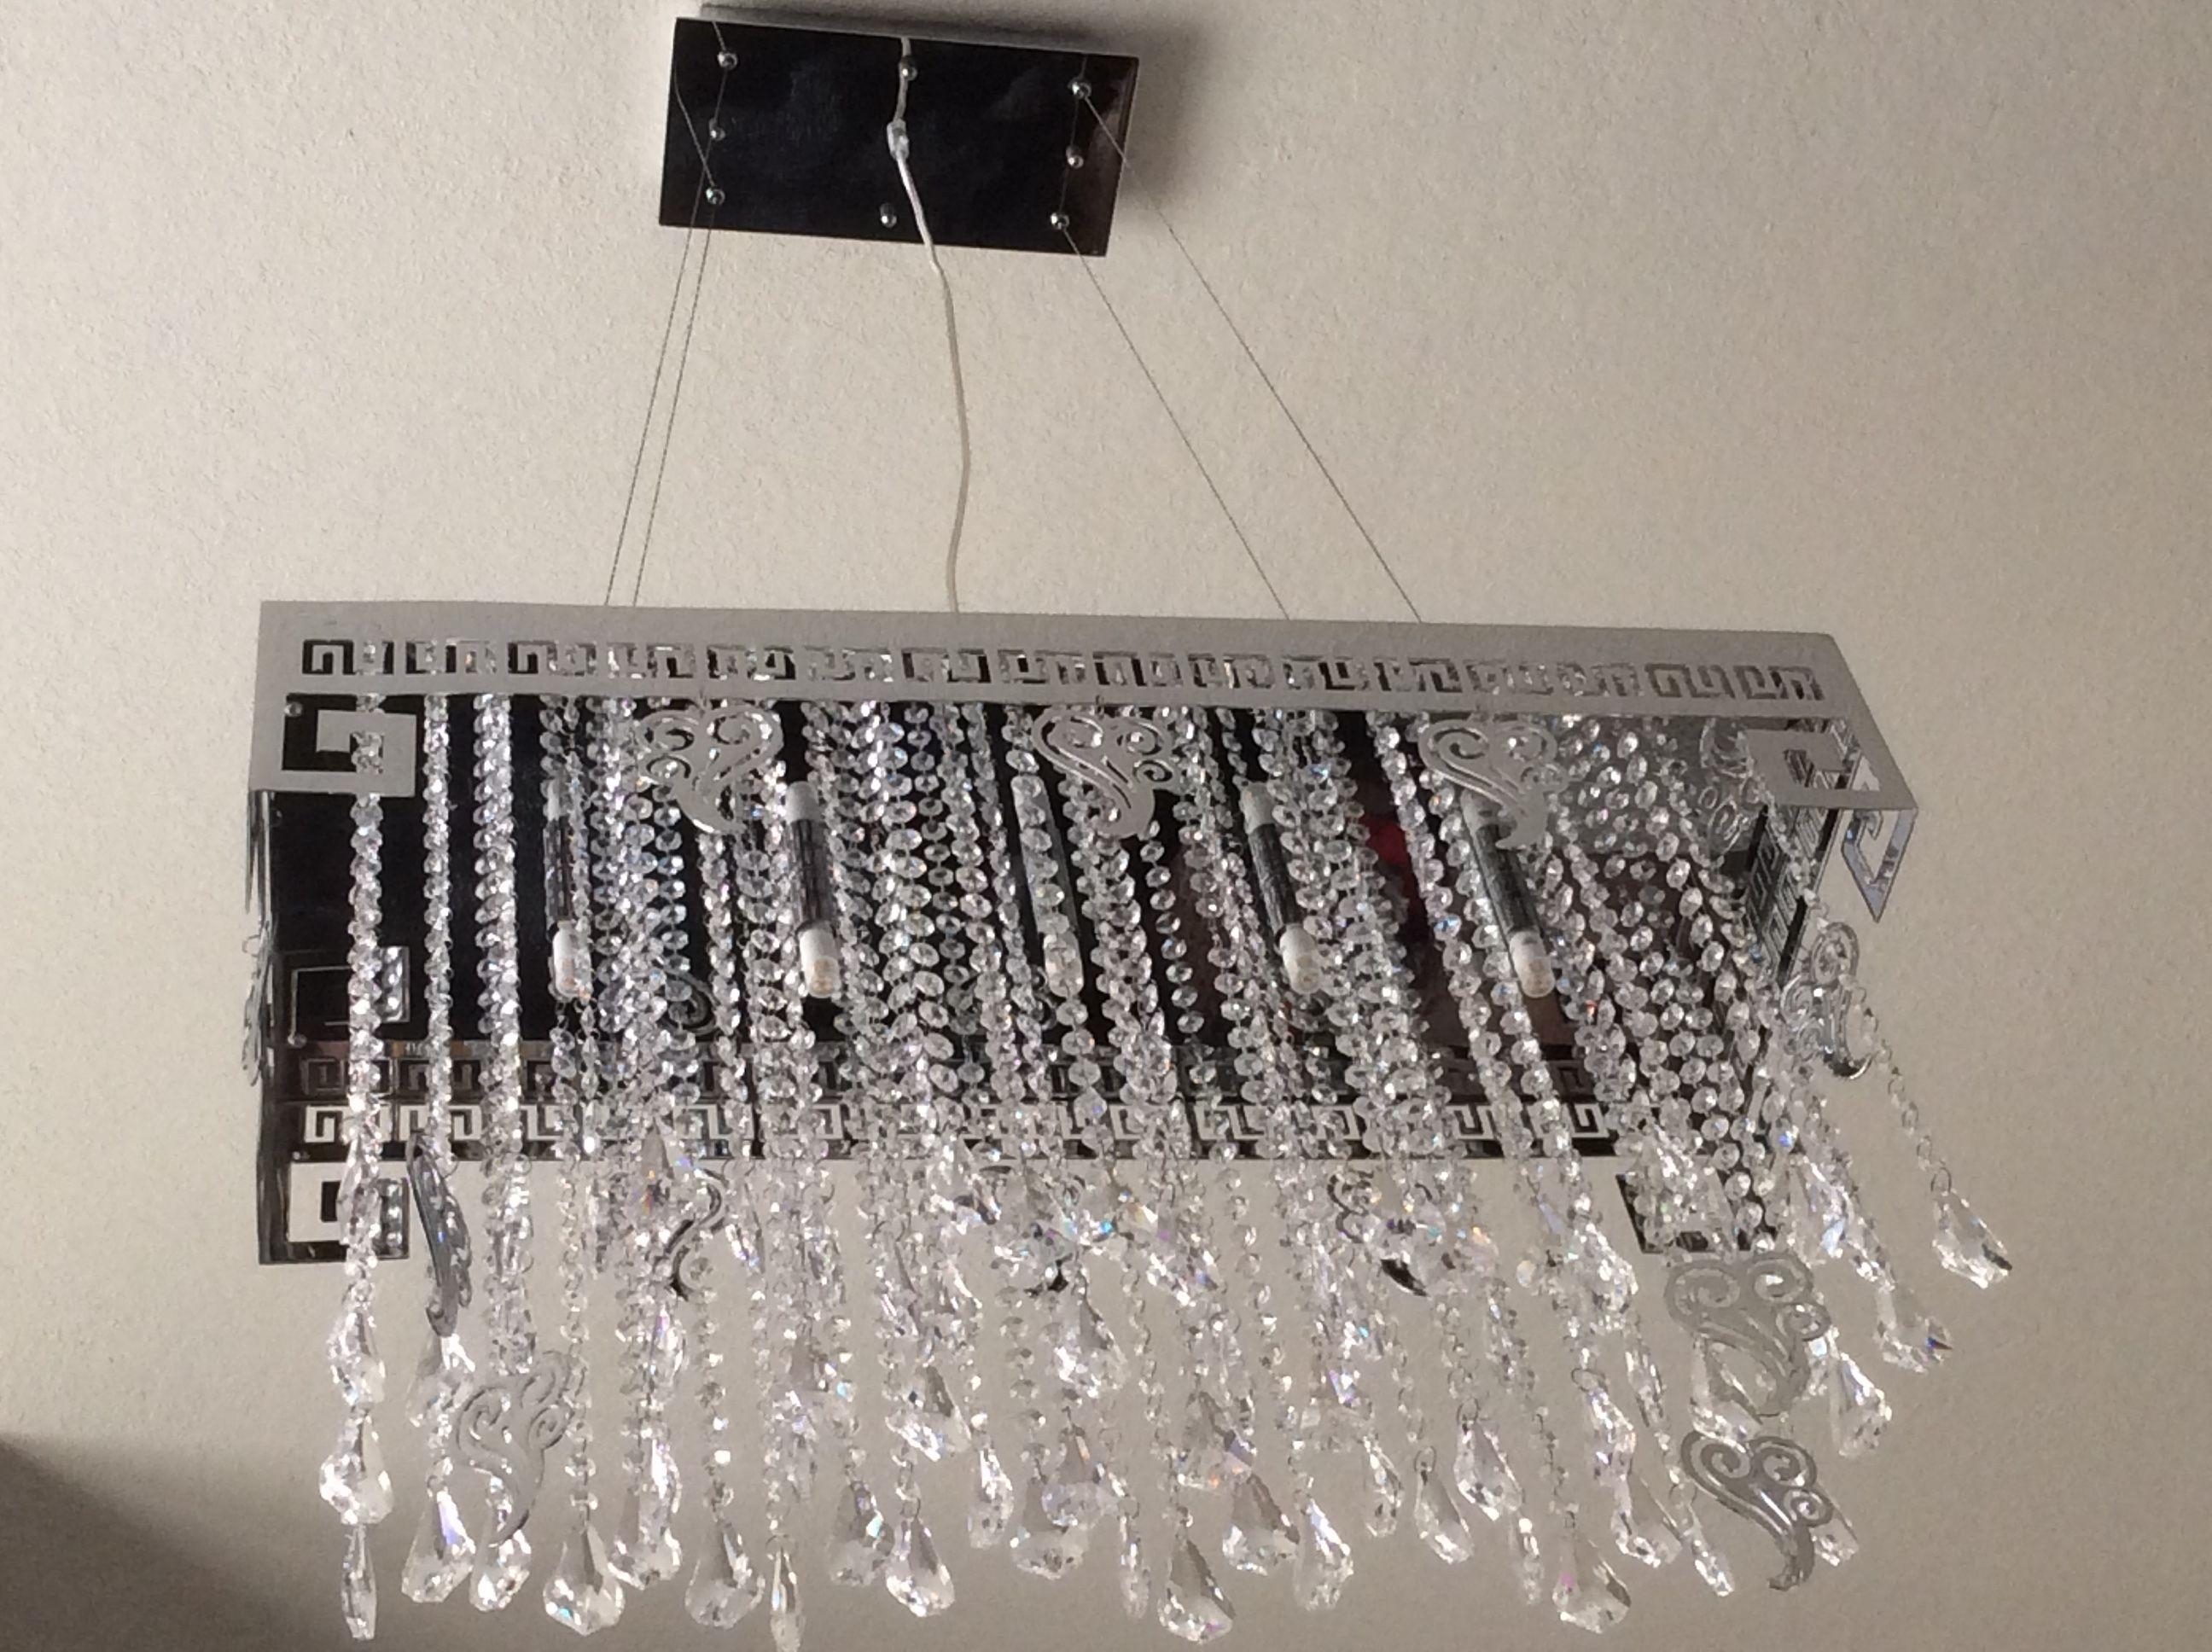 Elegant crystal chandelier lbx lighting houston texas pinterest elegant crystal chandelier arubaitofo Choice Image